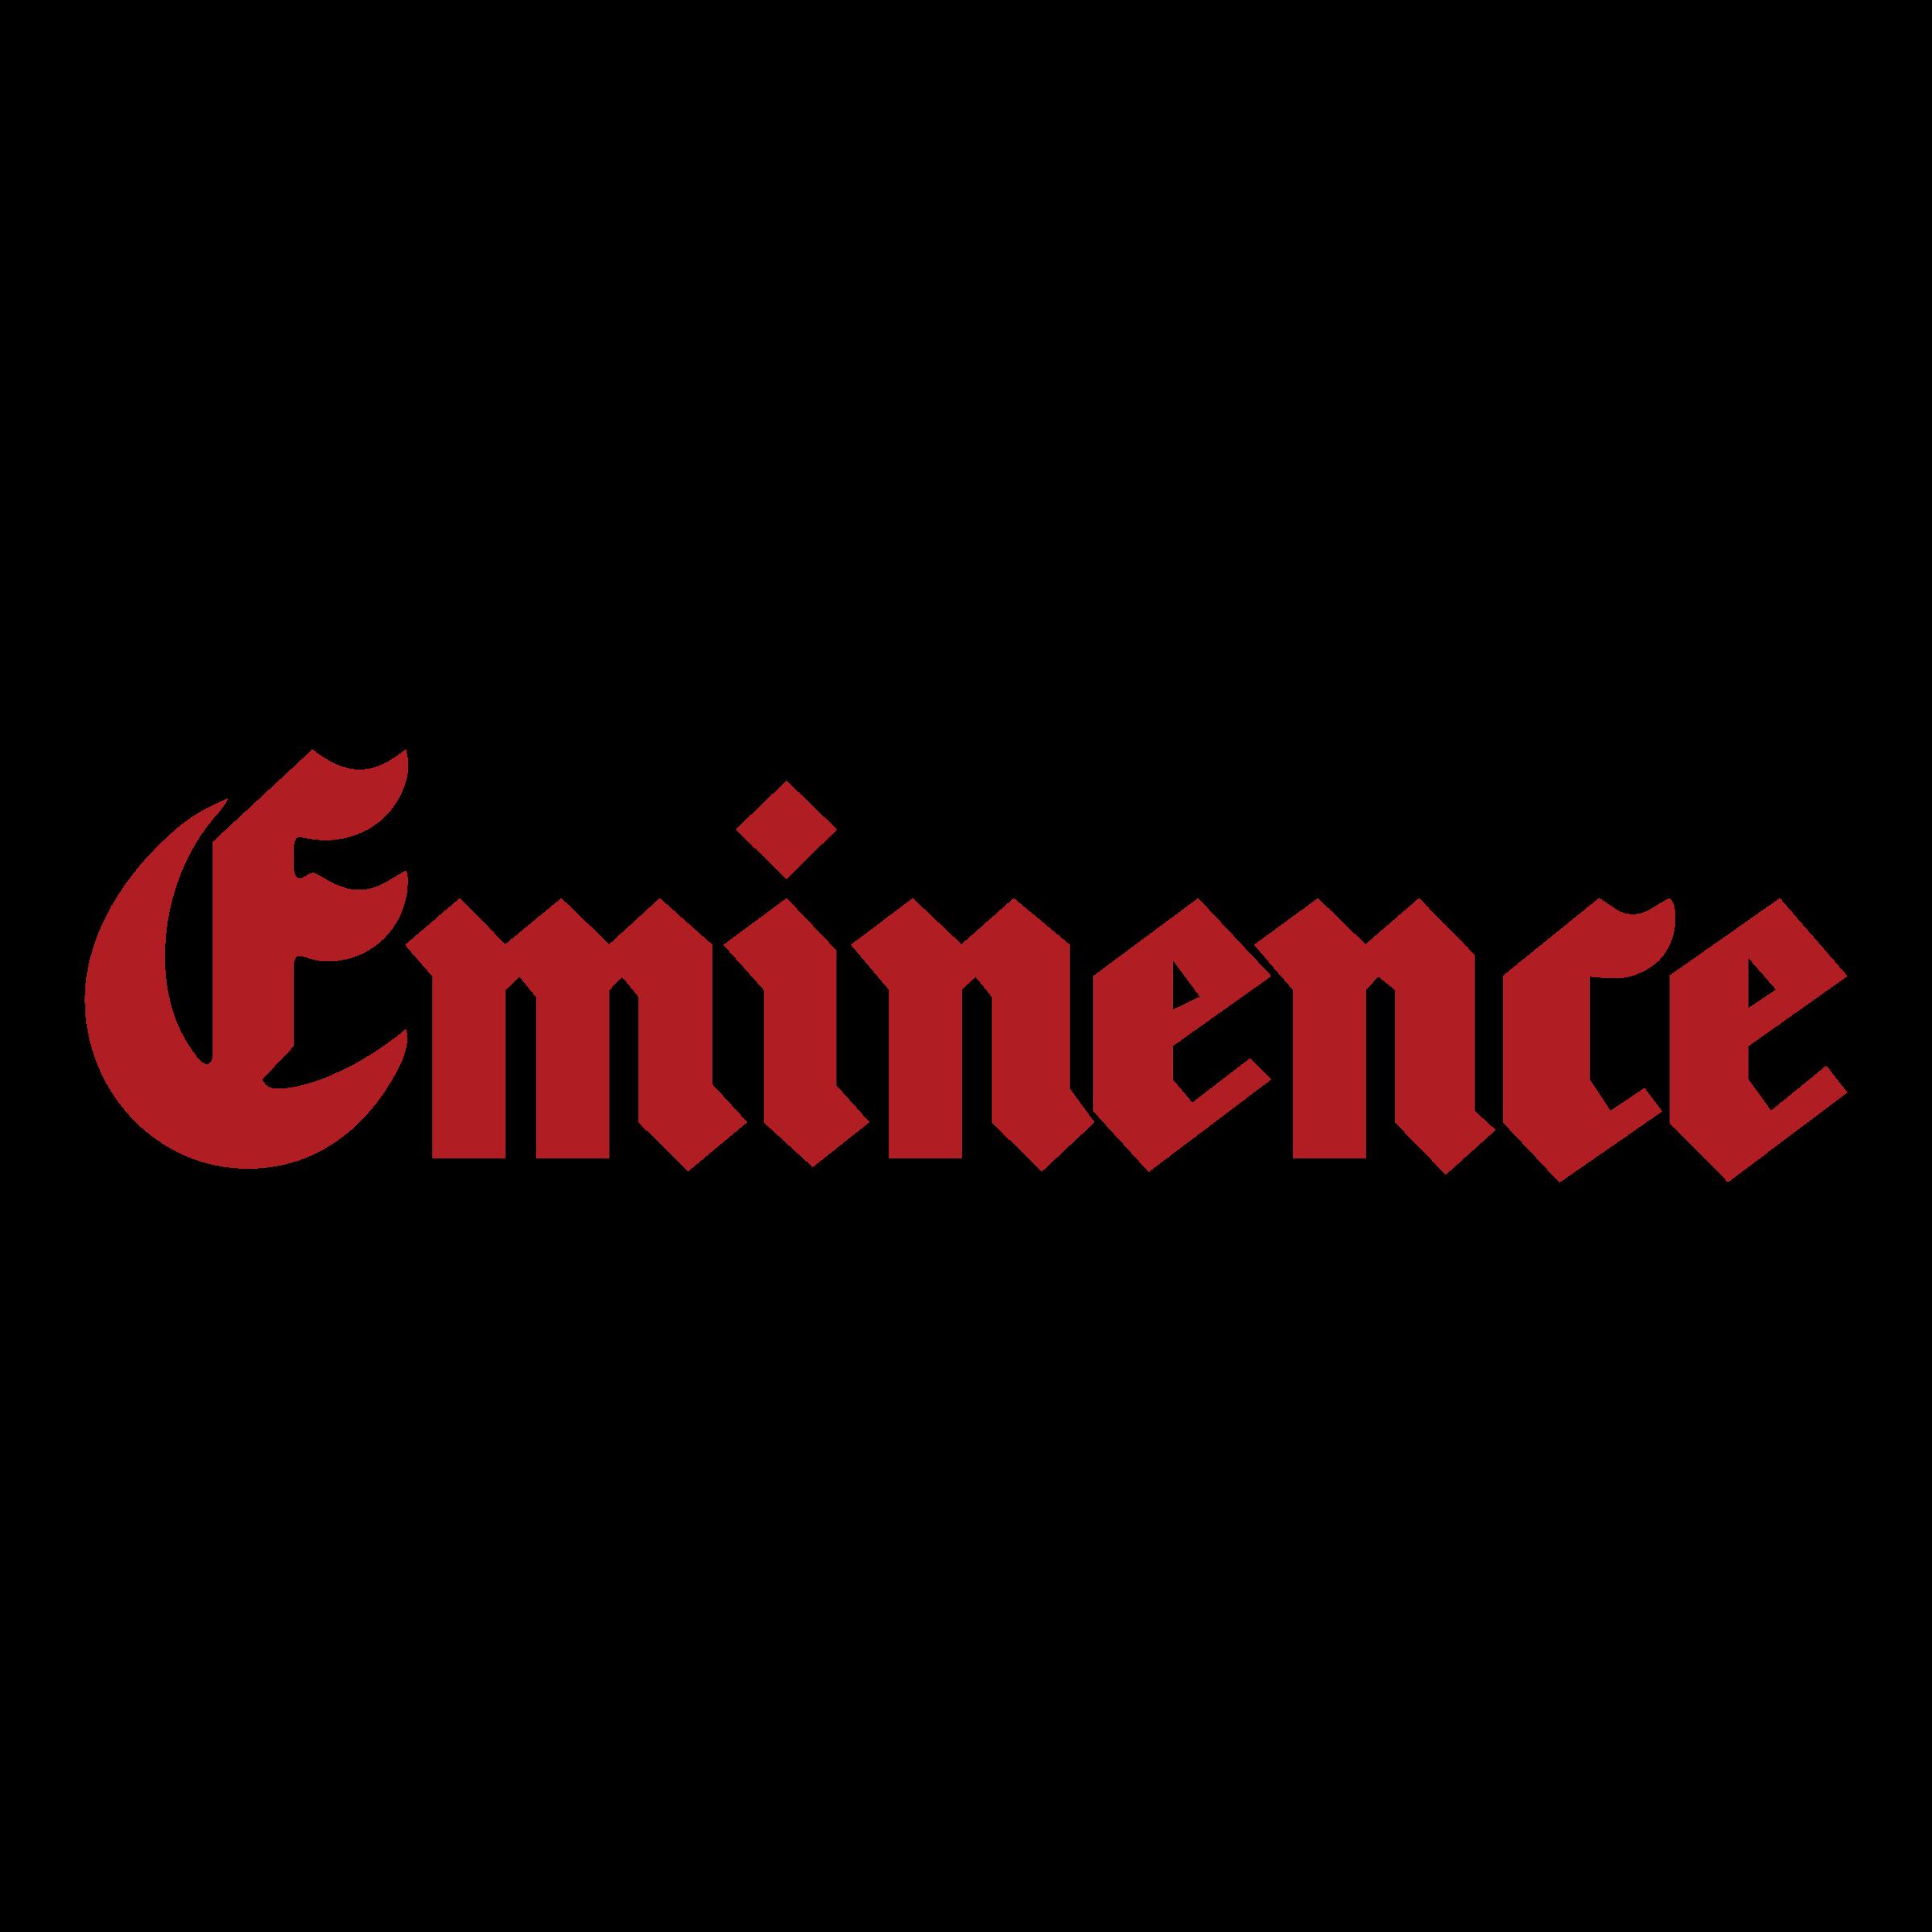 eminence-logo-png-transparent.png